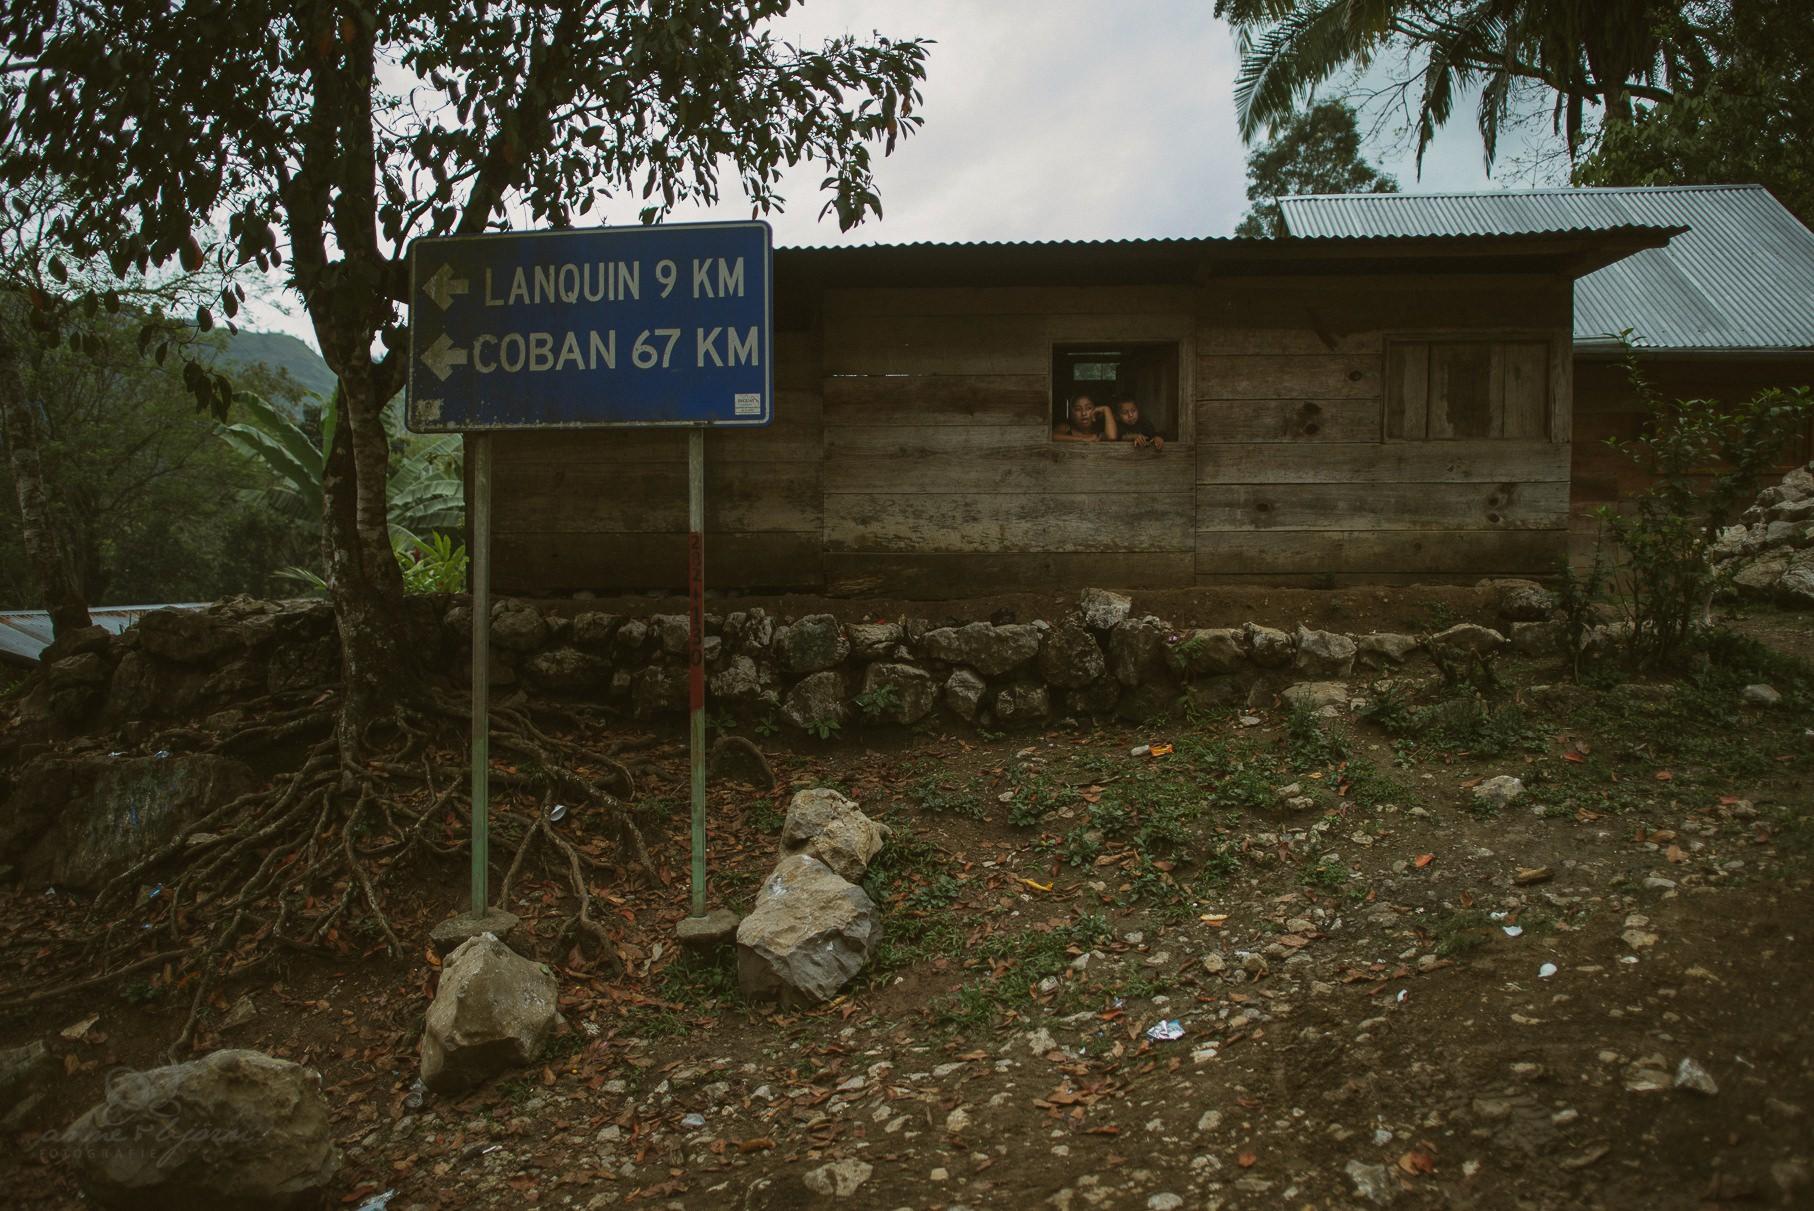 0181 anne und bjoern guatemala 811 3925 - 4 Wochen durch Guatemala - backpacking durch Mittelamerika